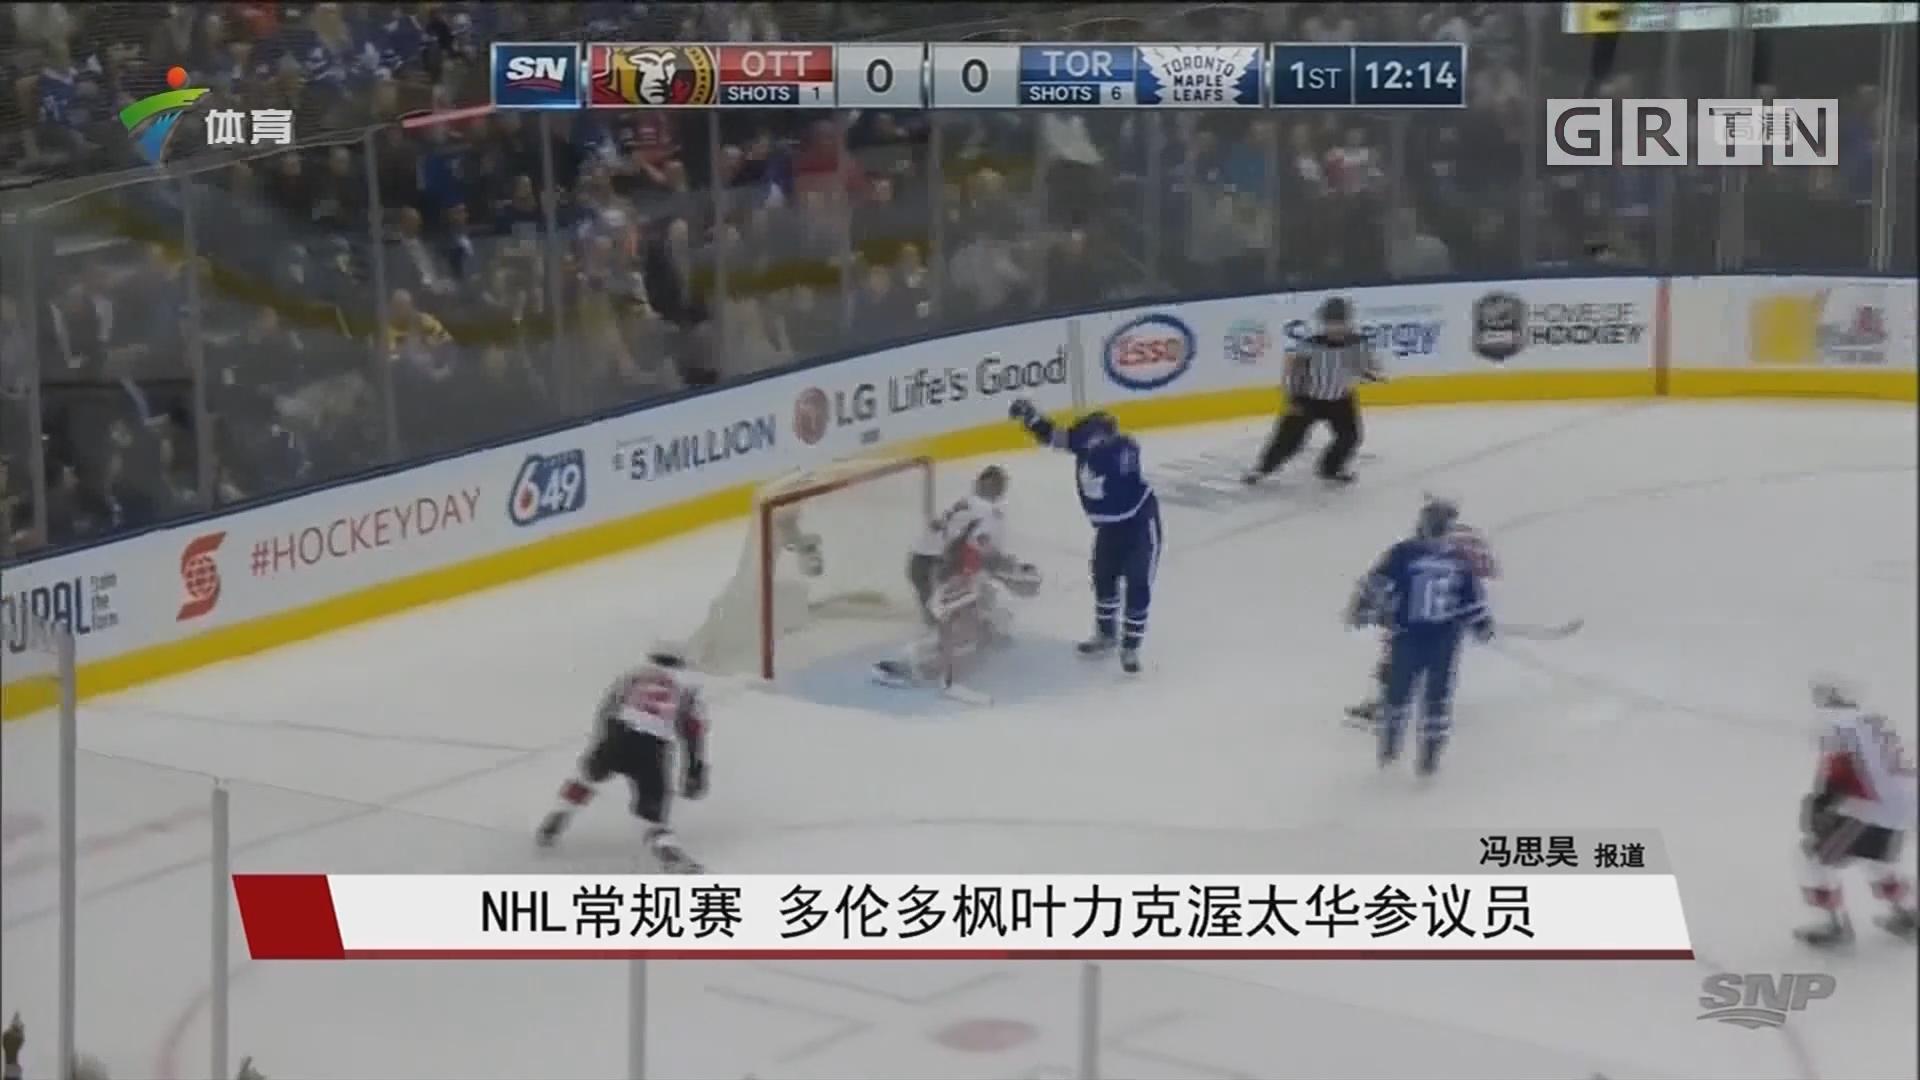 NHL常规赛 多伦多枫叶力克渥太华参议员